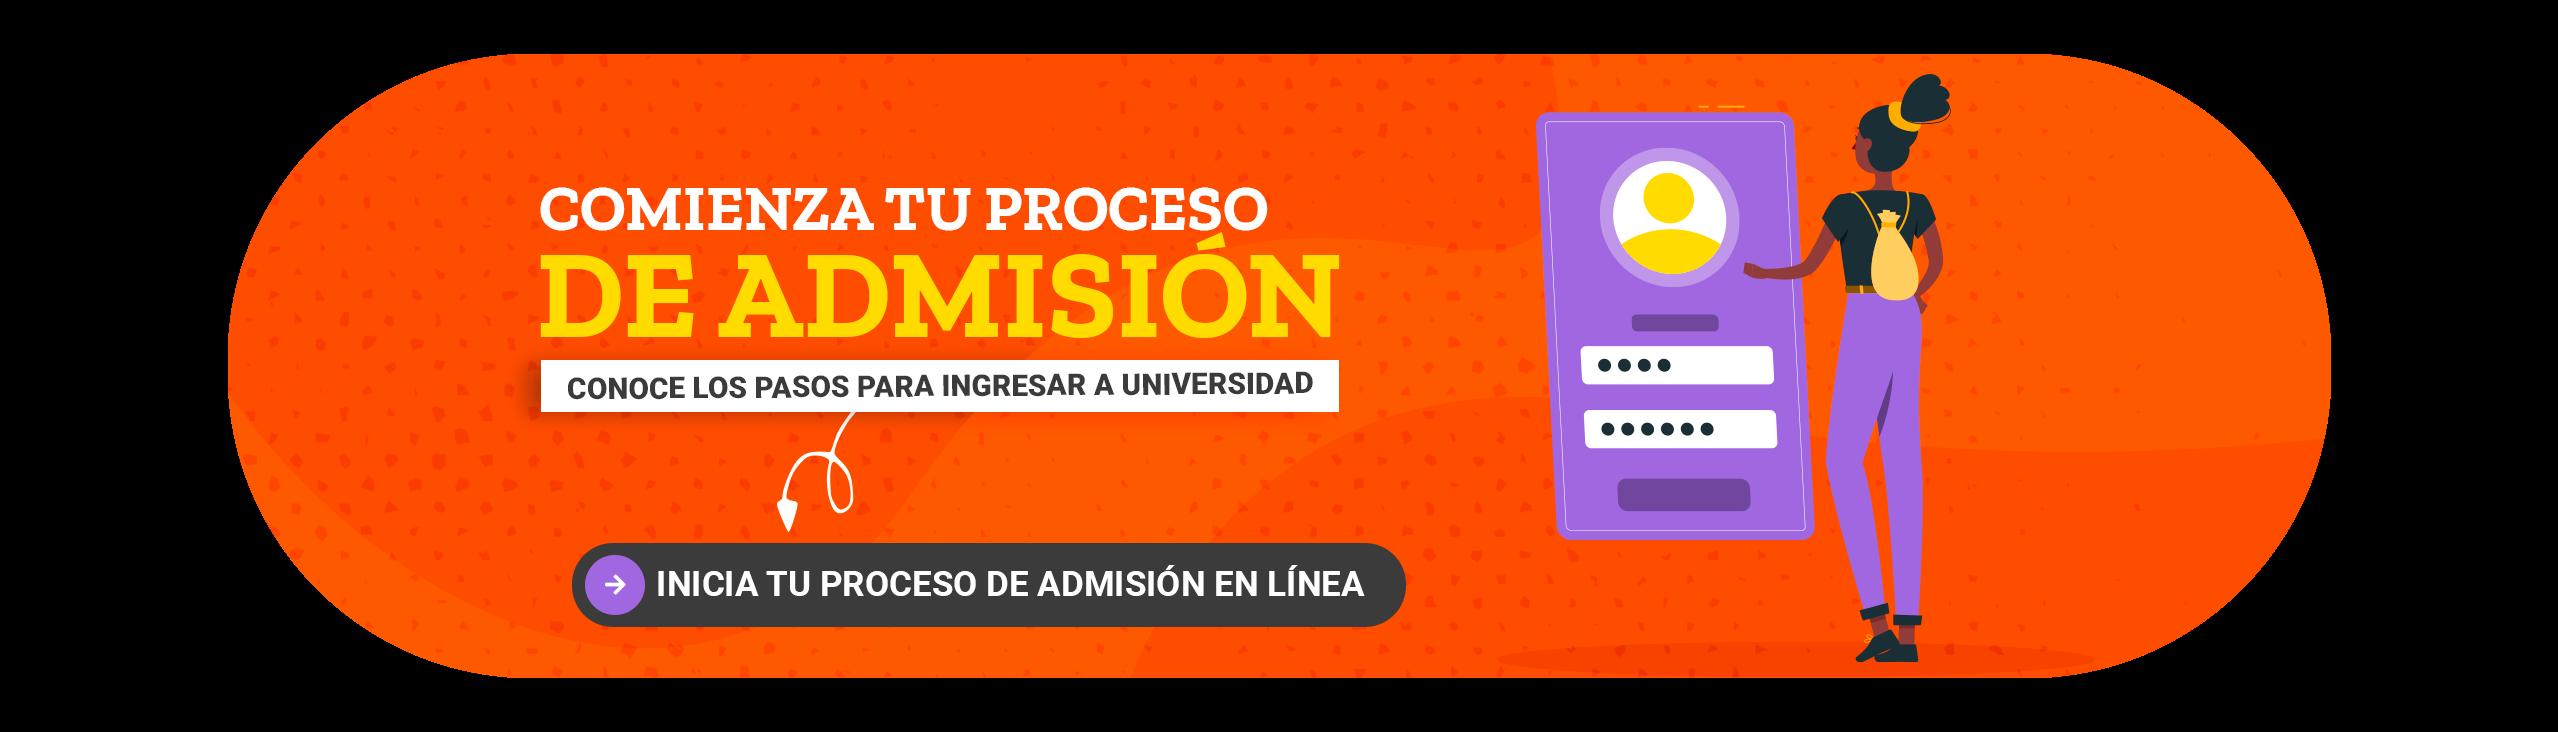 Comienza tu proceso de admisión a la universidad